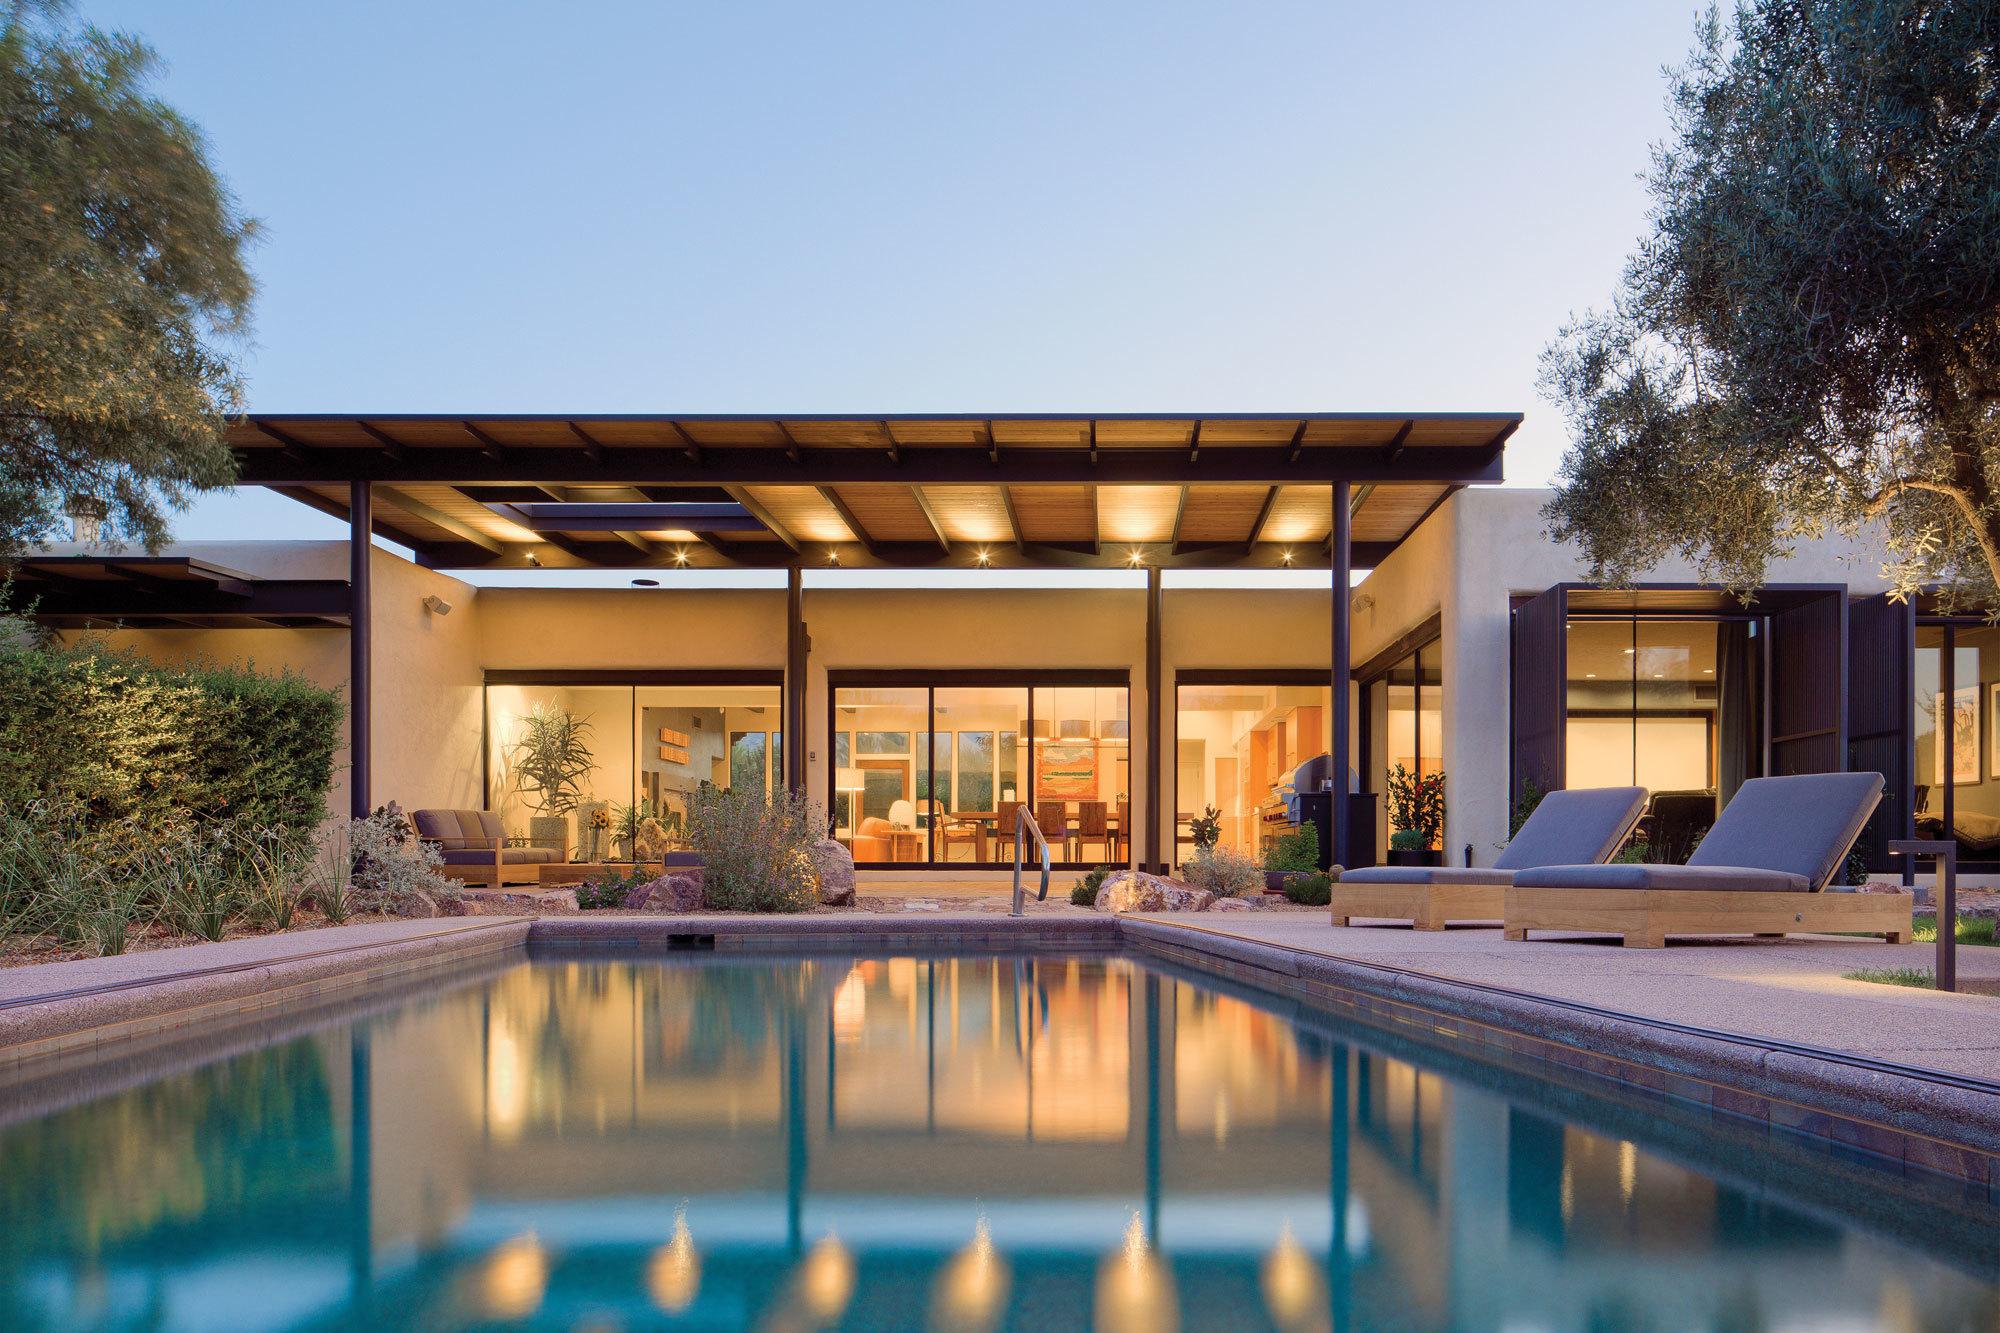 Innenhof Spanischer Häuser: modern Design